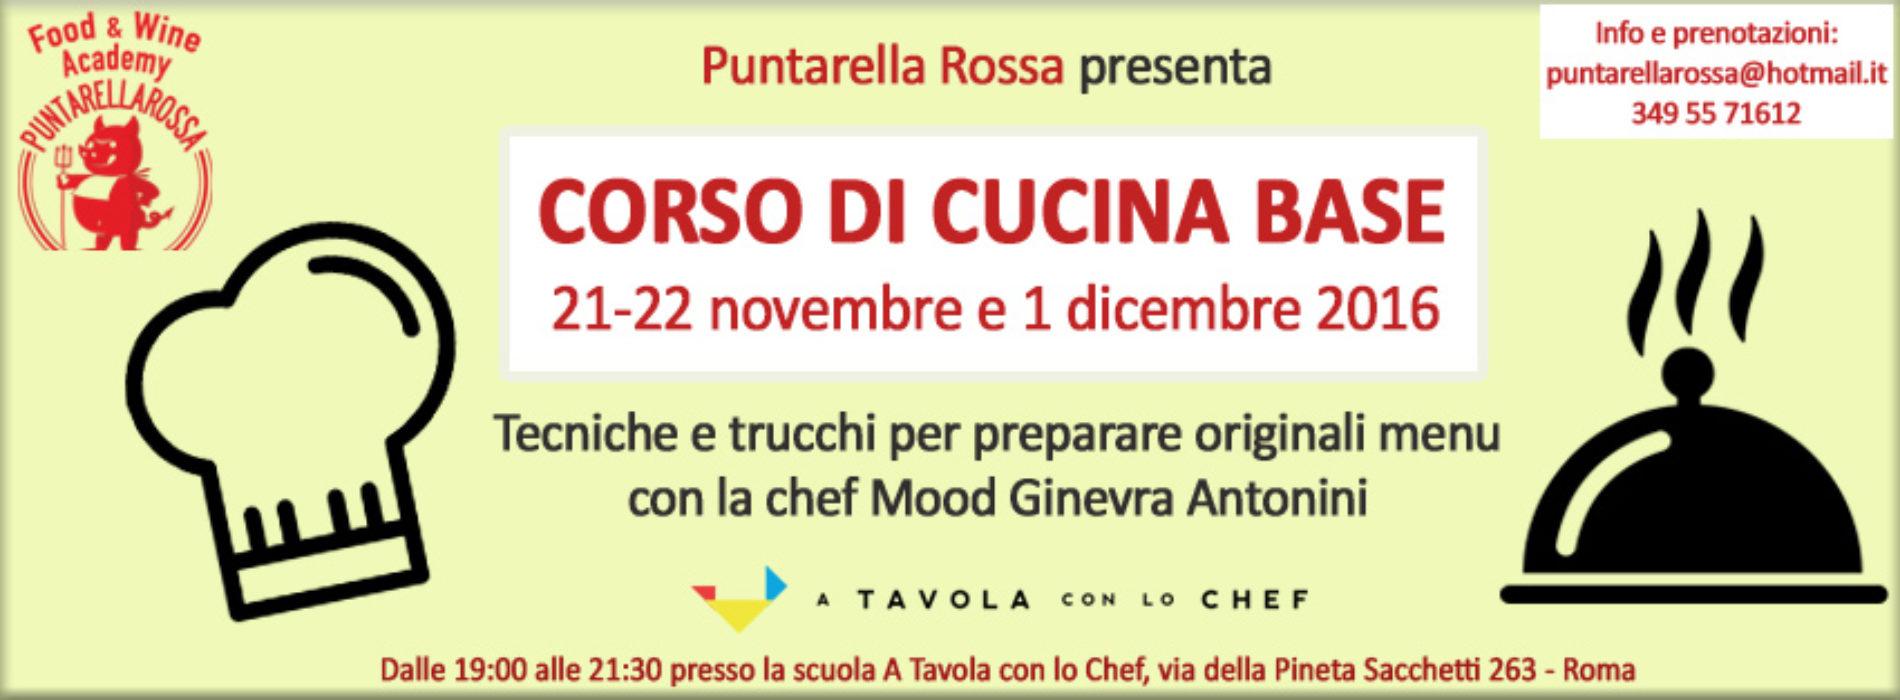 corso di cucina base roma novembre 2016 - puntarella rossa - Corso Base Di Cucina